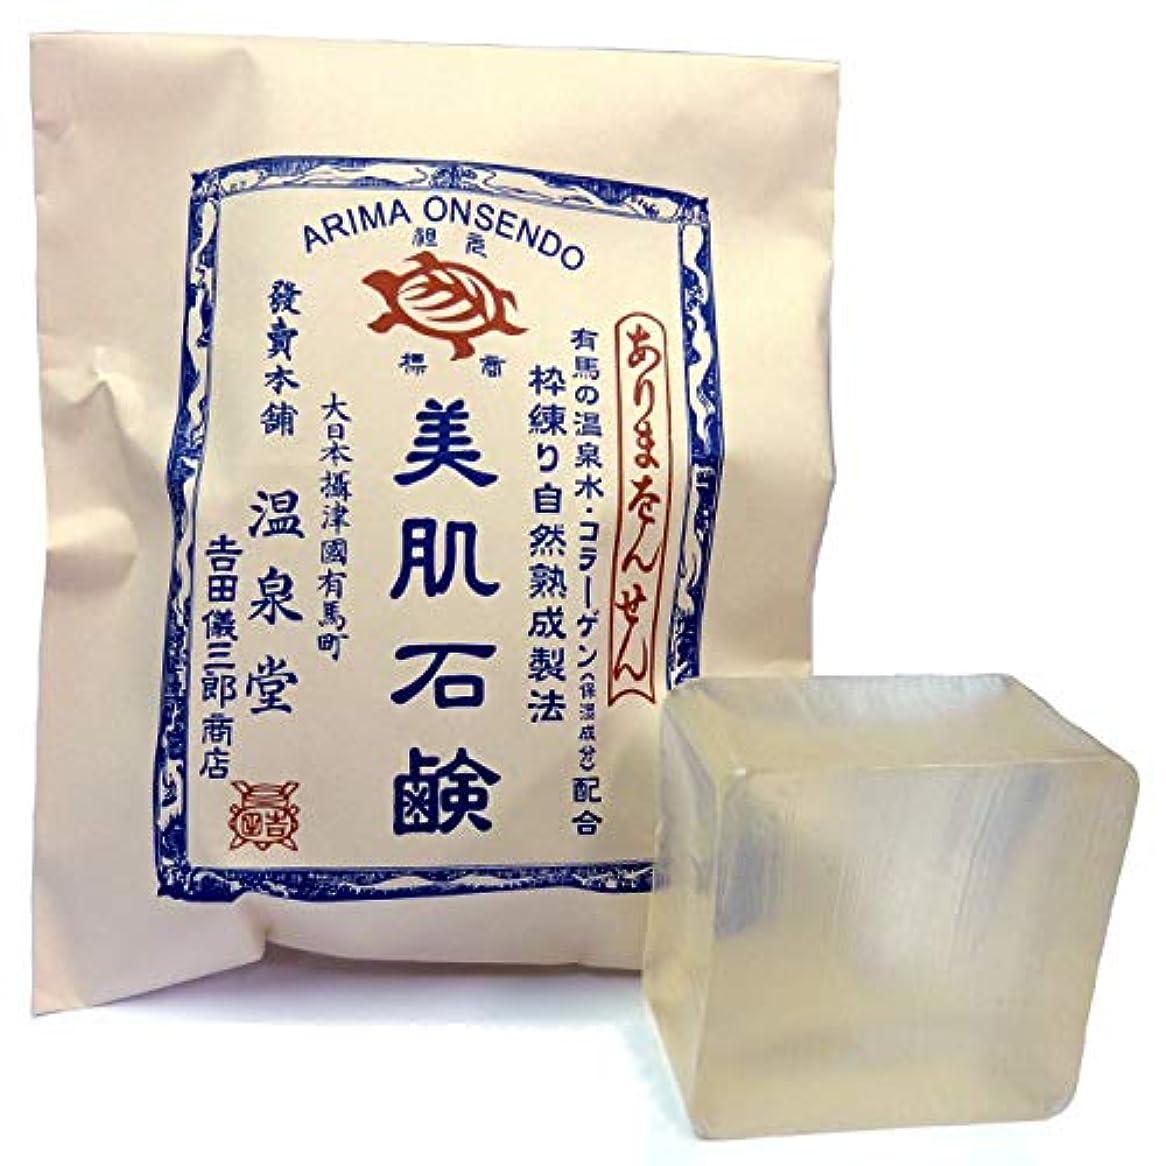 贅沢メディカル文字カメ印 枠練自然熟成製法 美肌石鹸